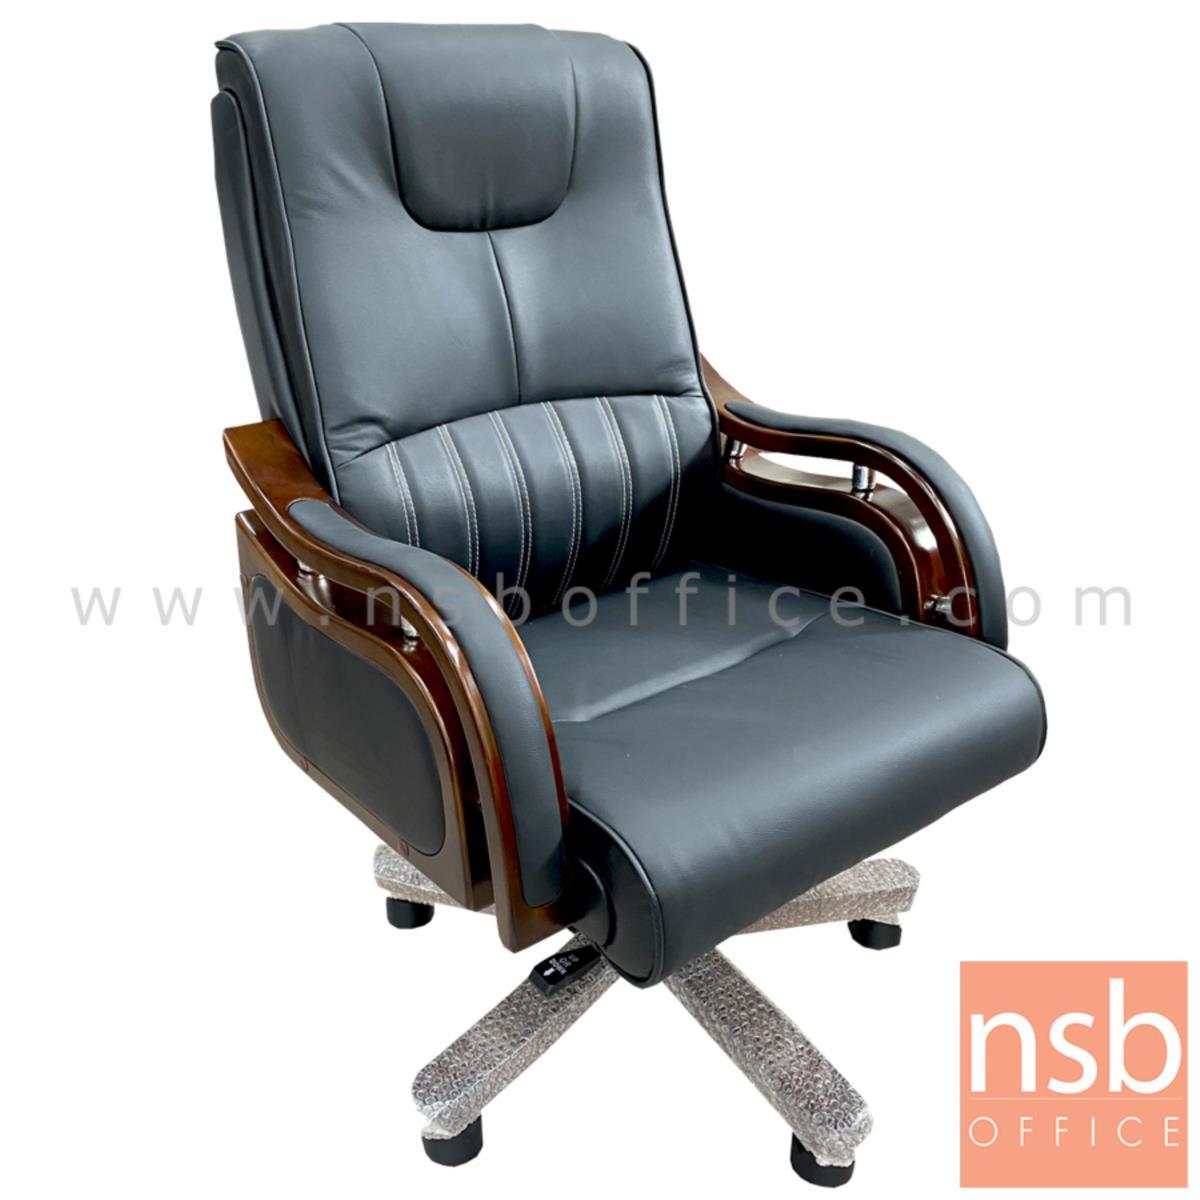 เก้าอี้ผู้บริหารหนัง PU รุ่น Onika (โอนิกา)  โช๊คแก๊ส ขาไม้